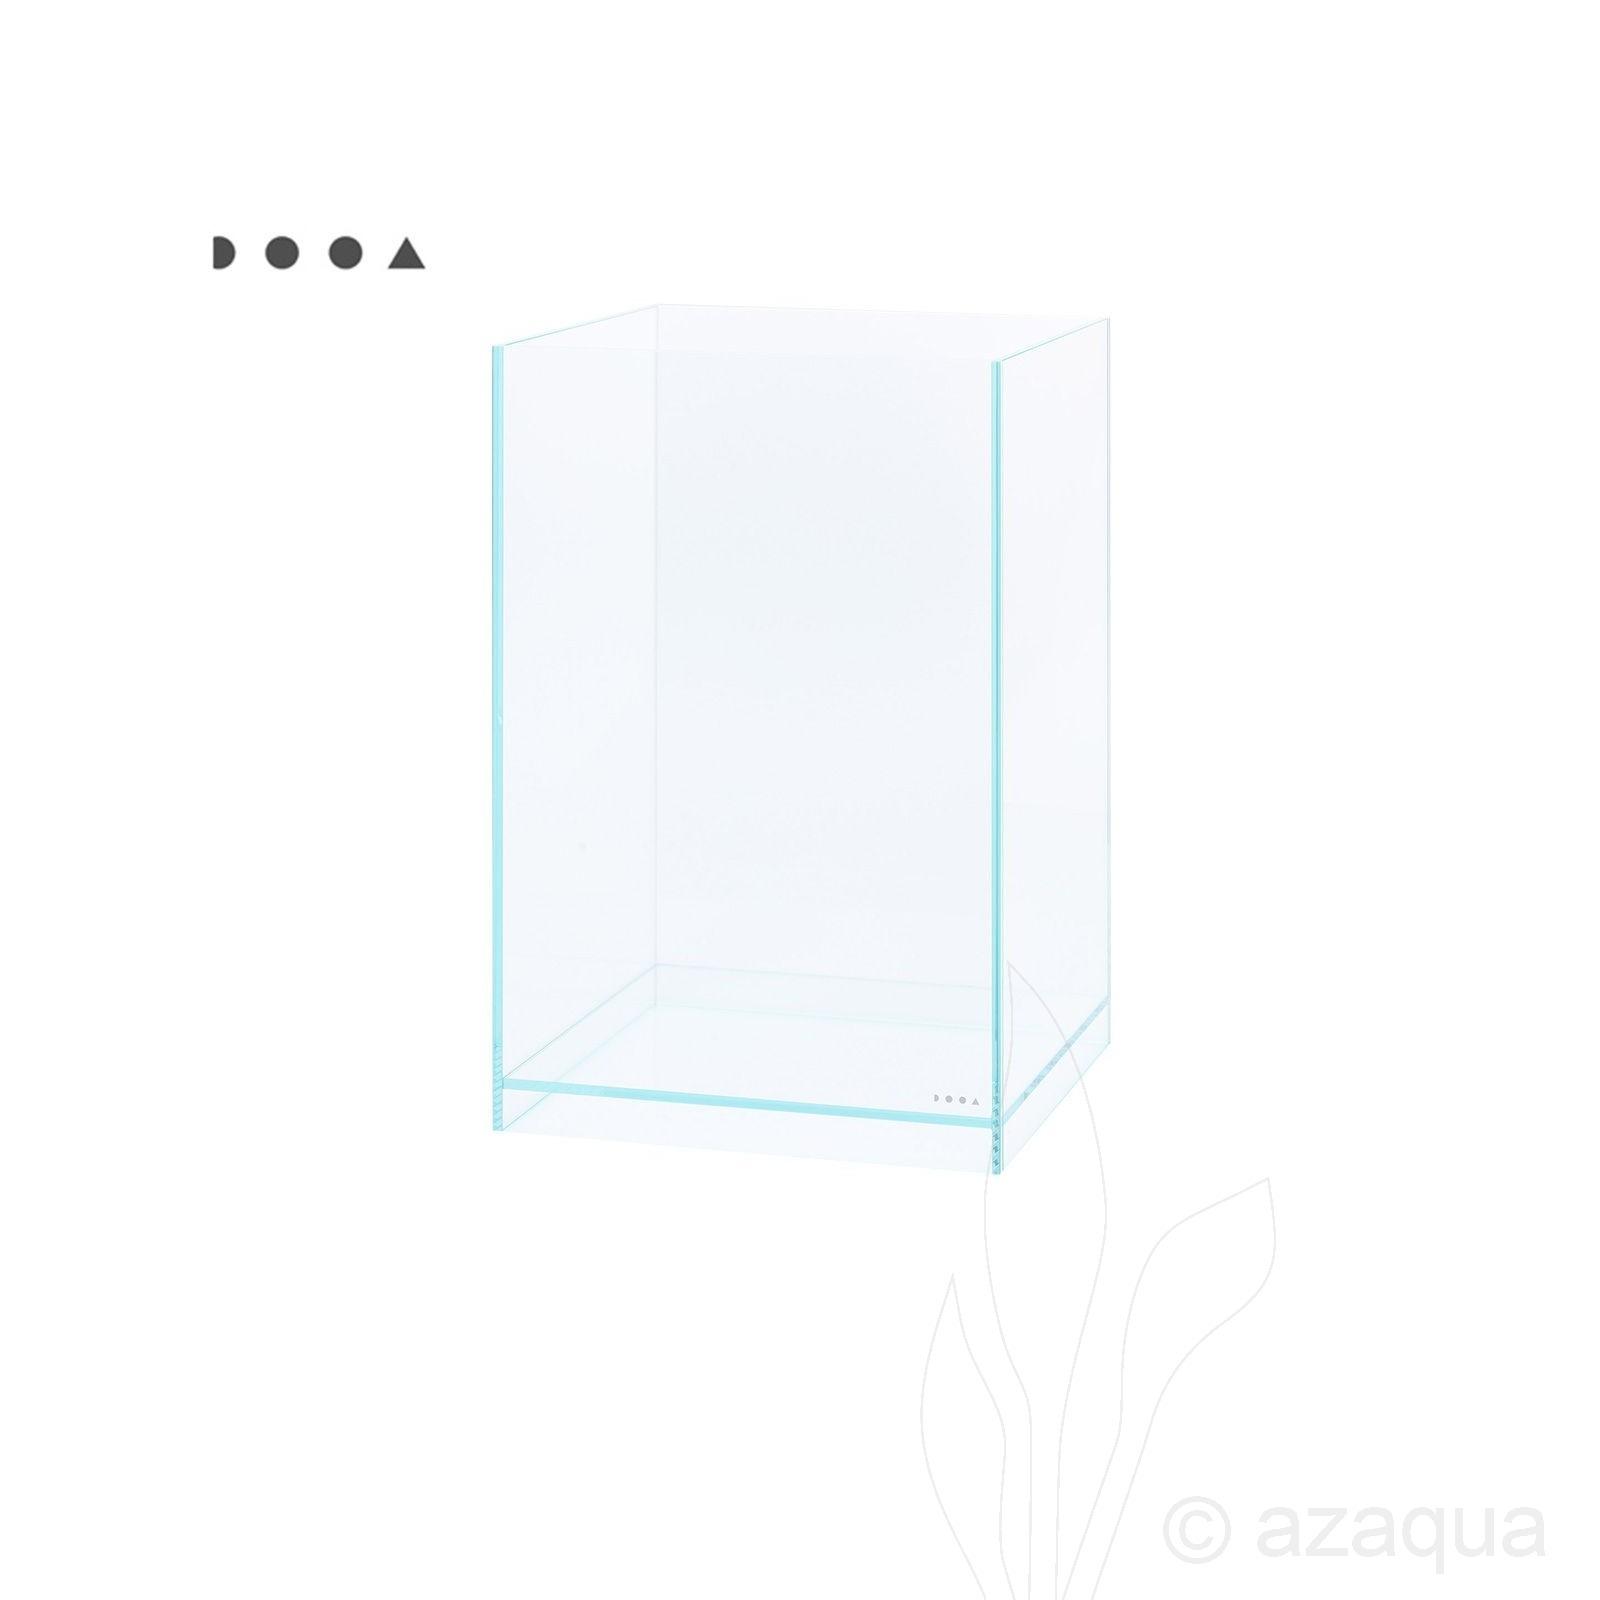 DOOA, Neo Glass, AIR, W30×D30×H45 (cm)